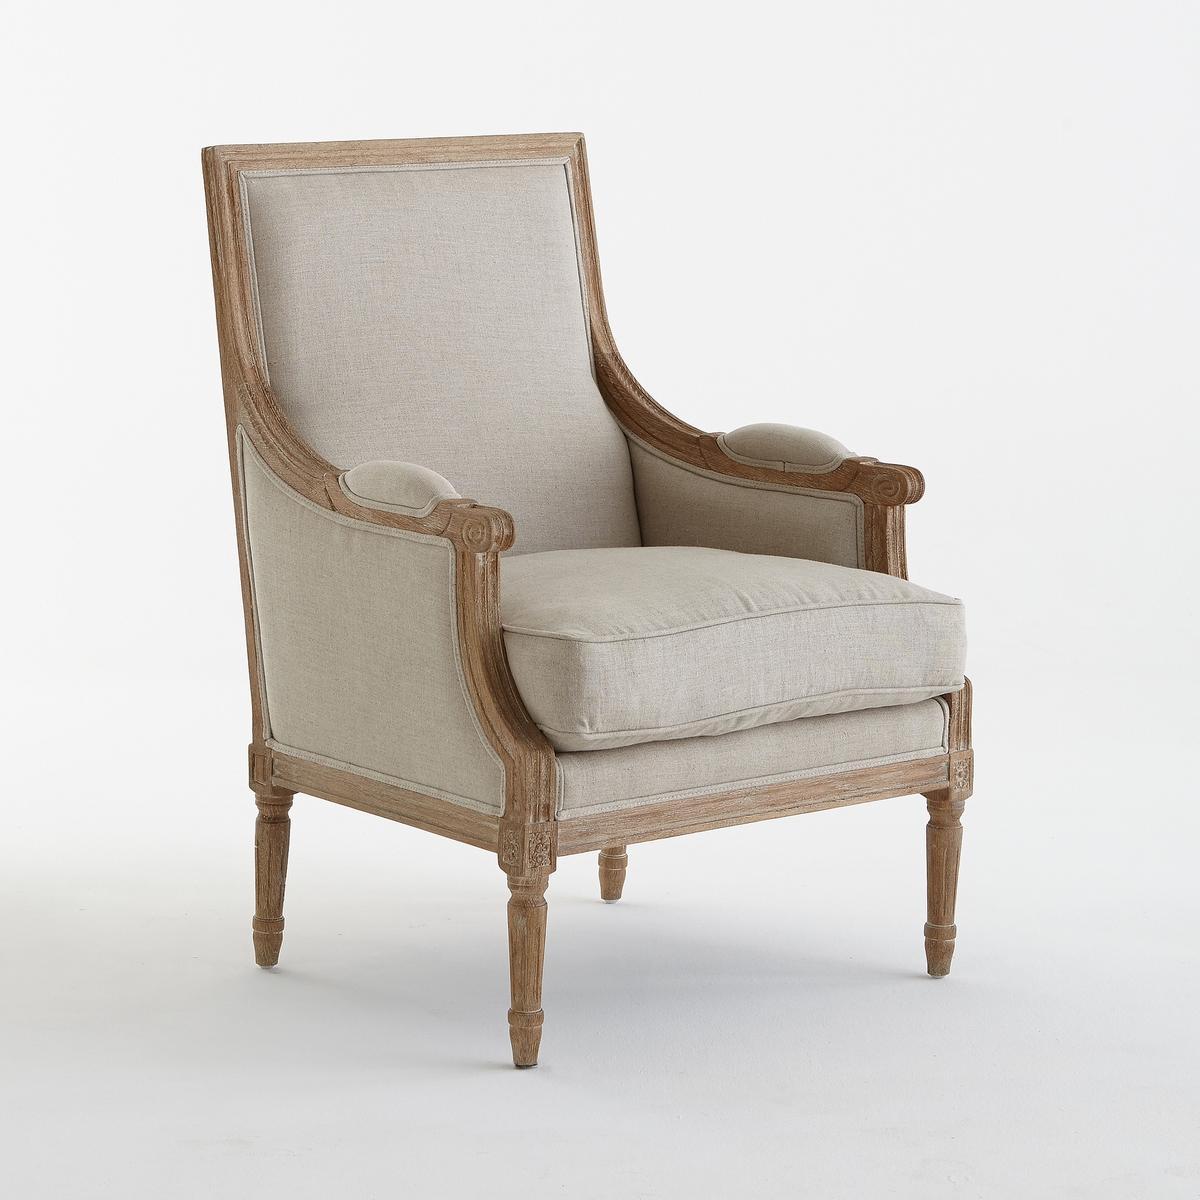 Кресло La Redoute Глубокое в стиле Людовика XVI Nottingham единый размер каштановый 2 стула в стиле людовика xvi nottingham